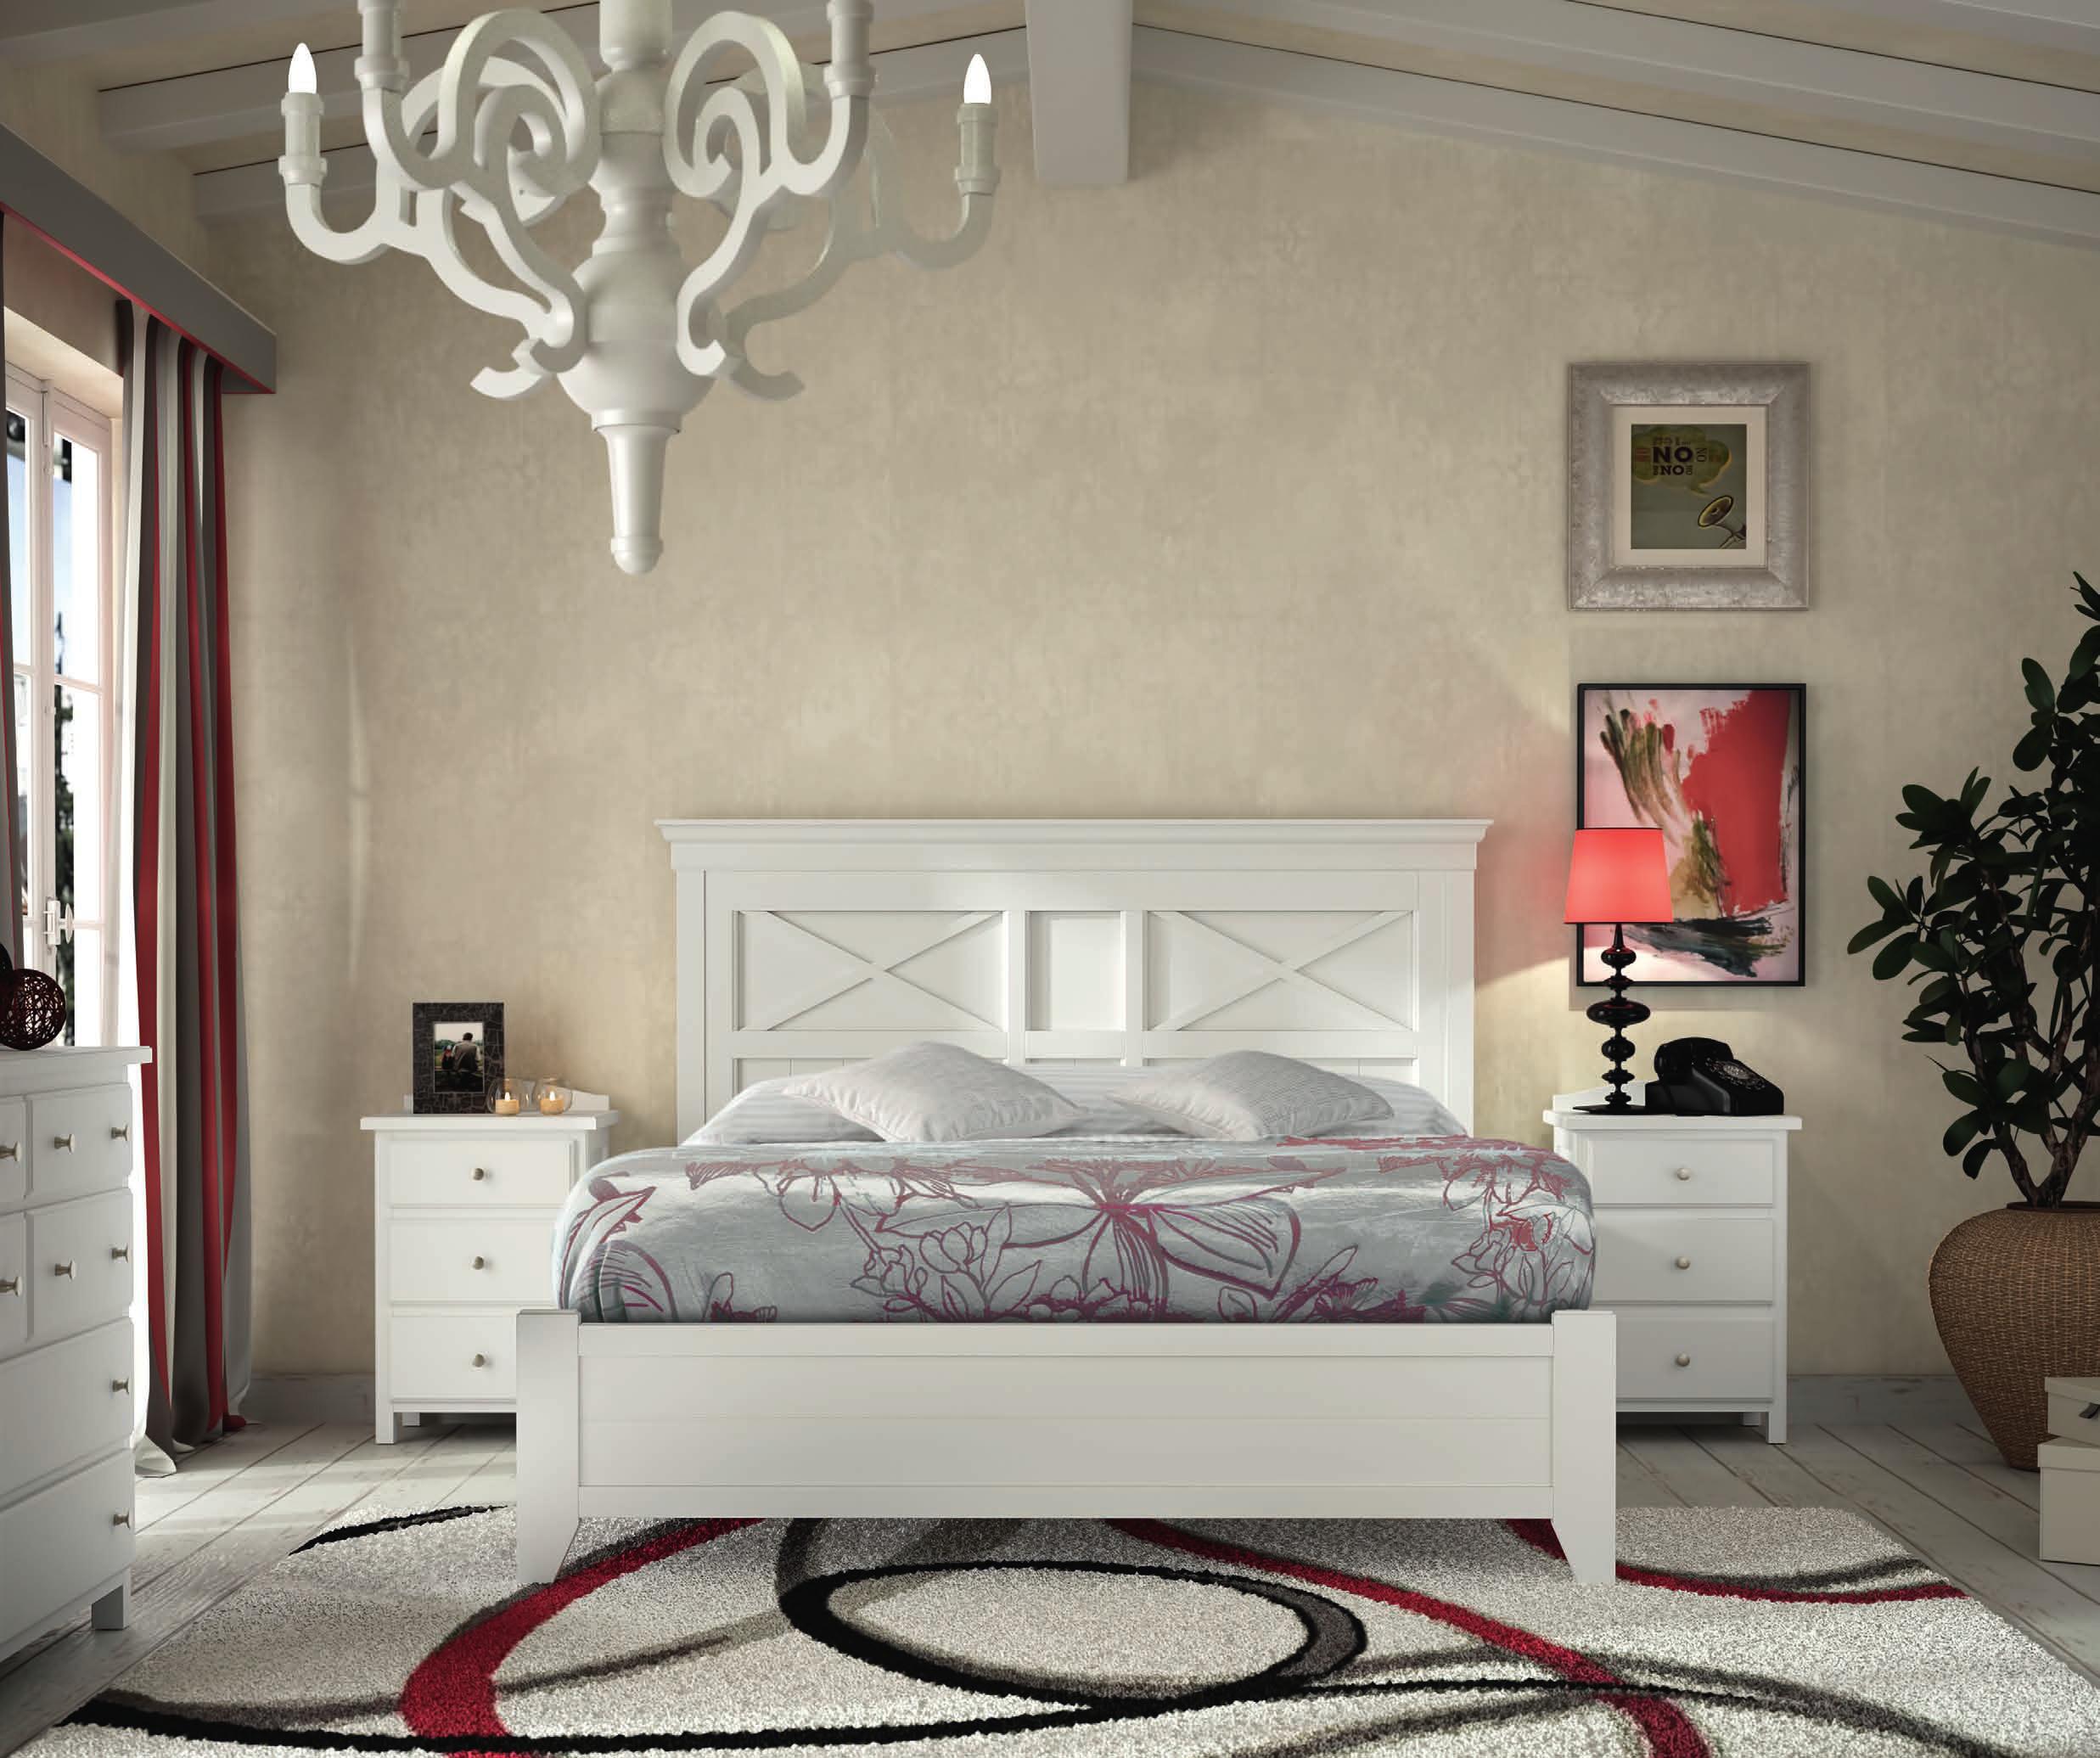 416-dormitorio-B-19